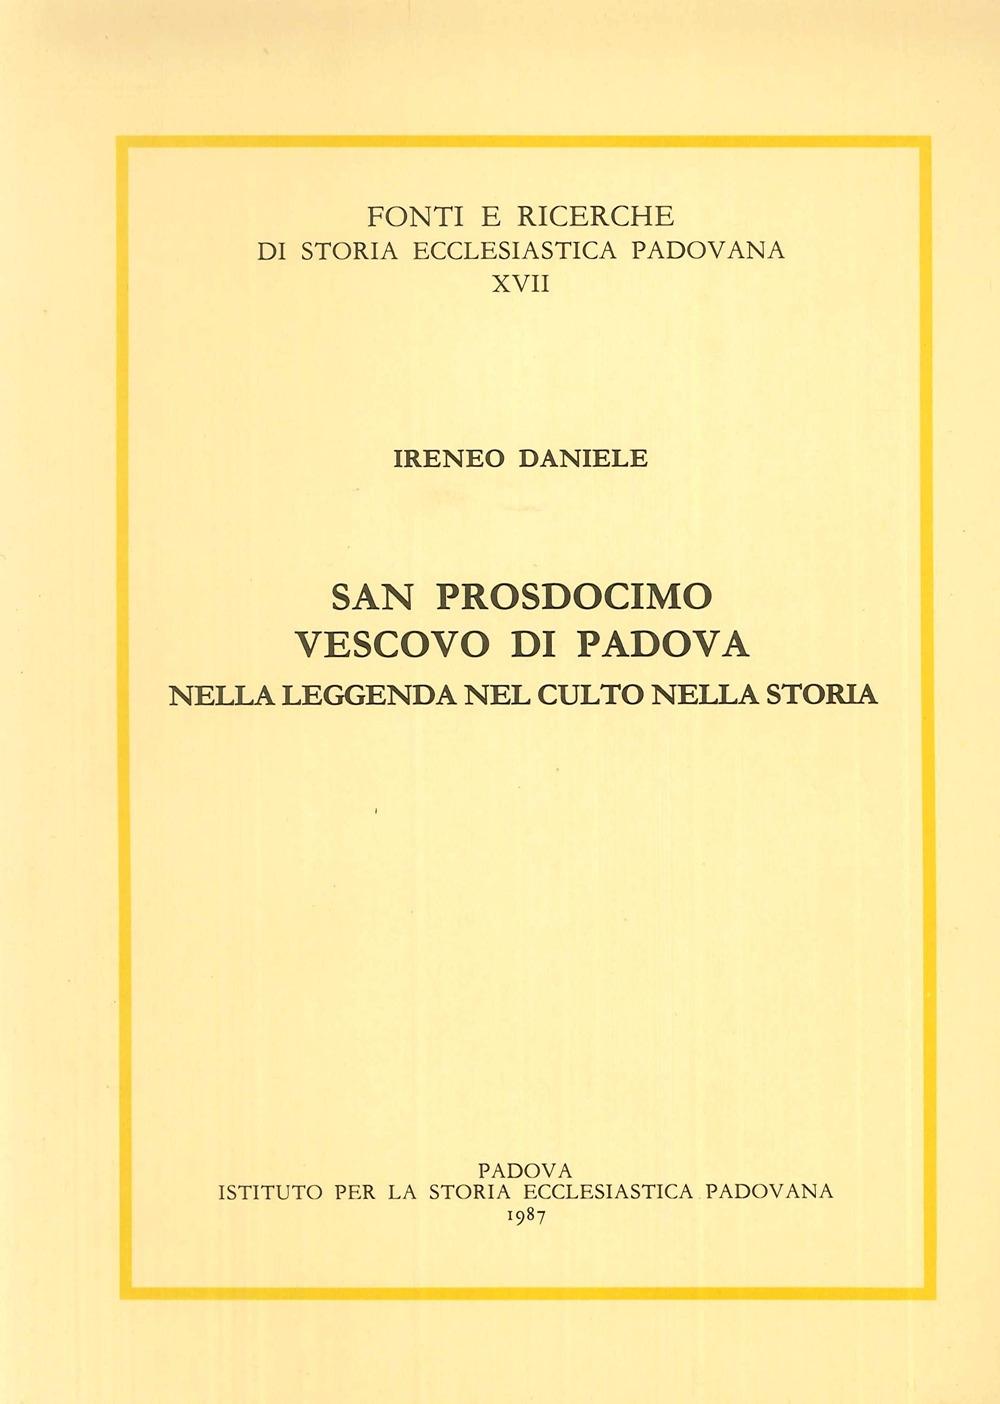 San Prosdocimo vescovo di Padova nella leggenda, nel culto, nella storia